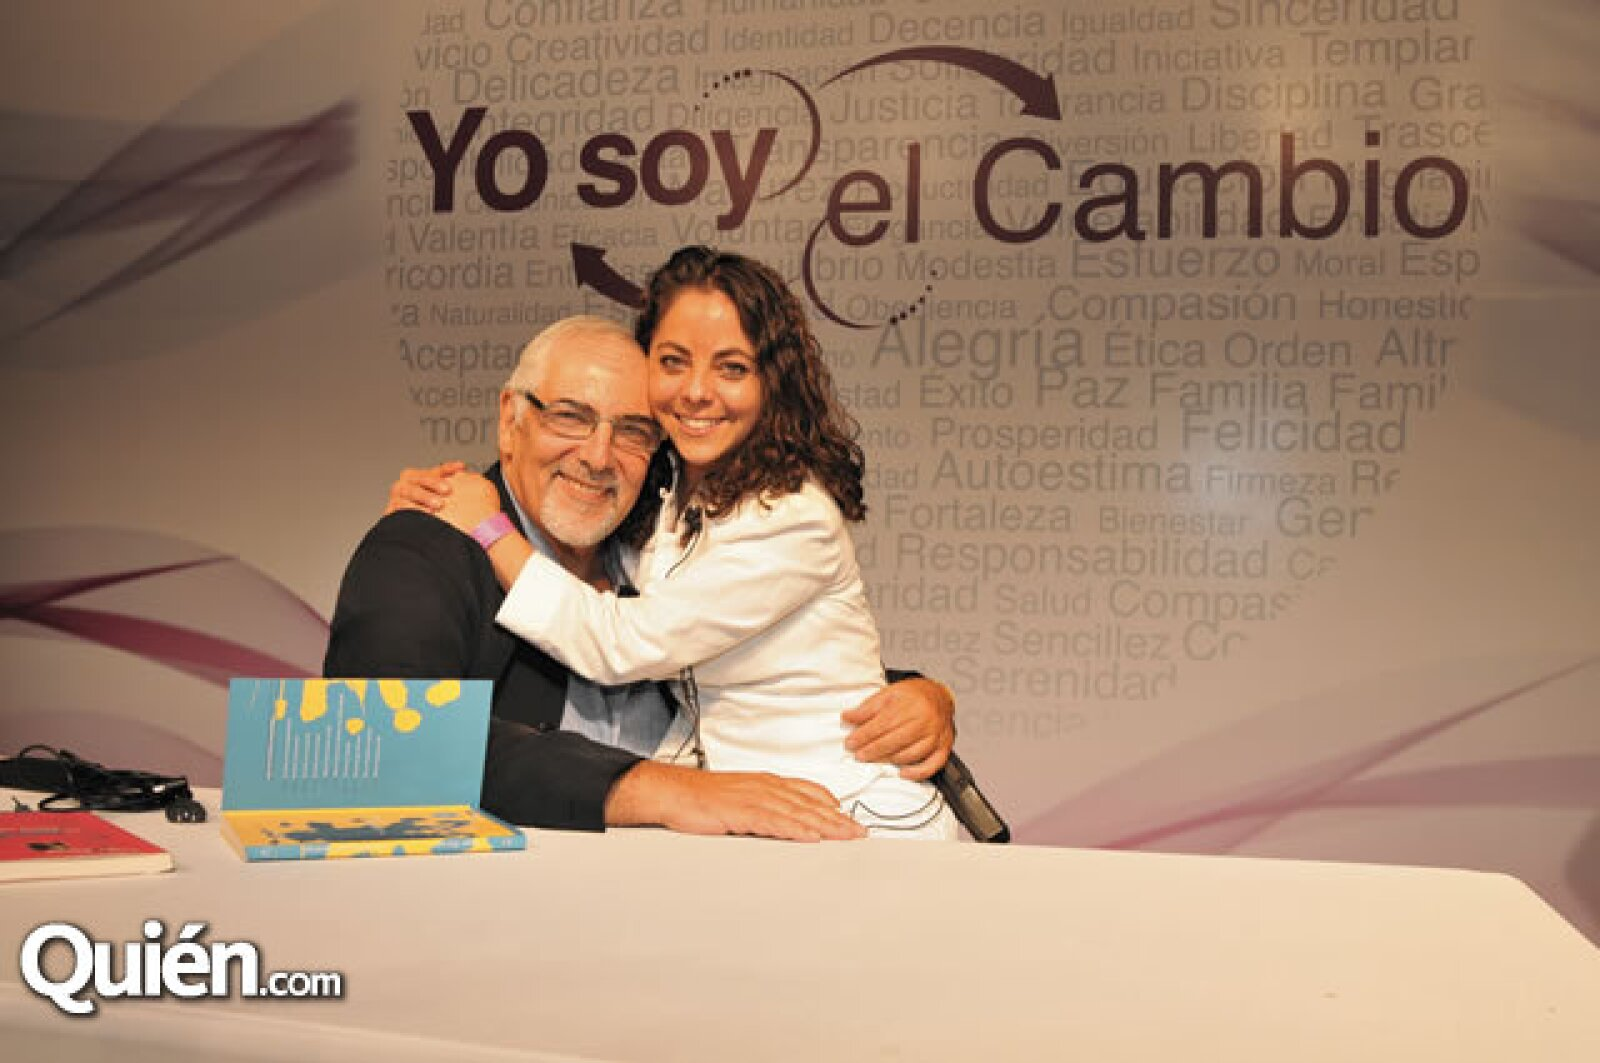 Jorge Bucay y Brenda Casillas